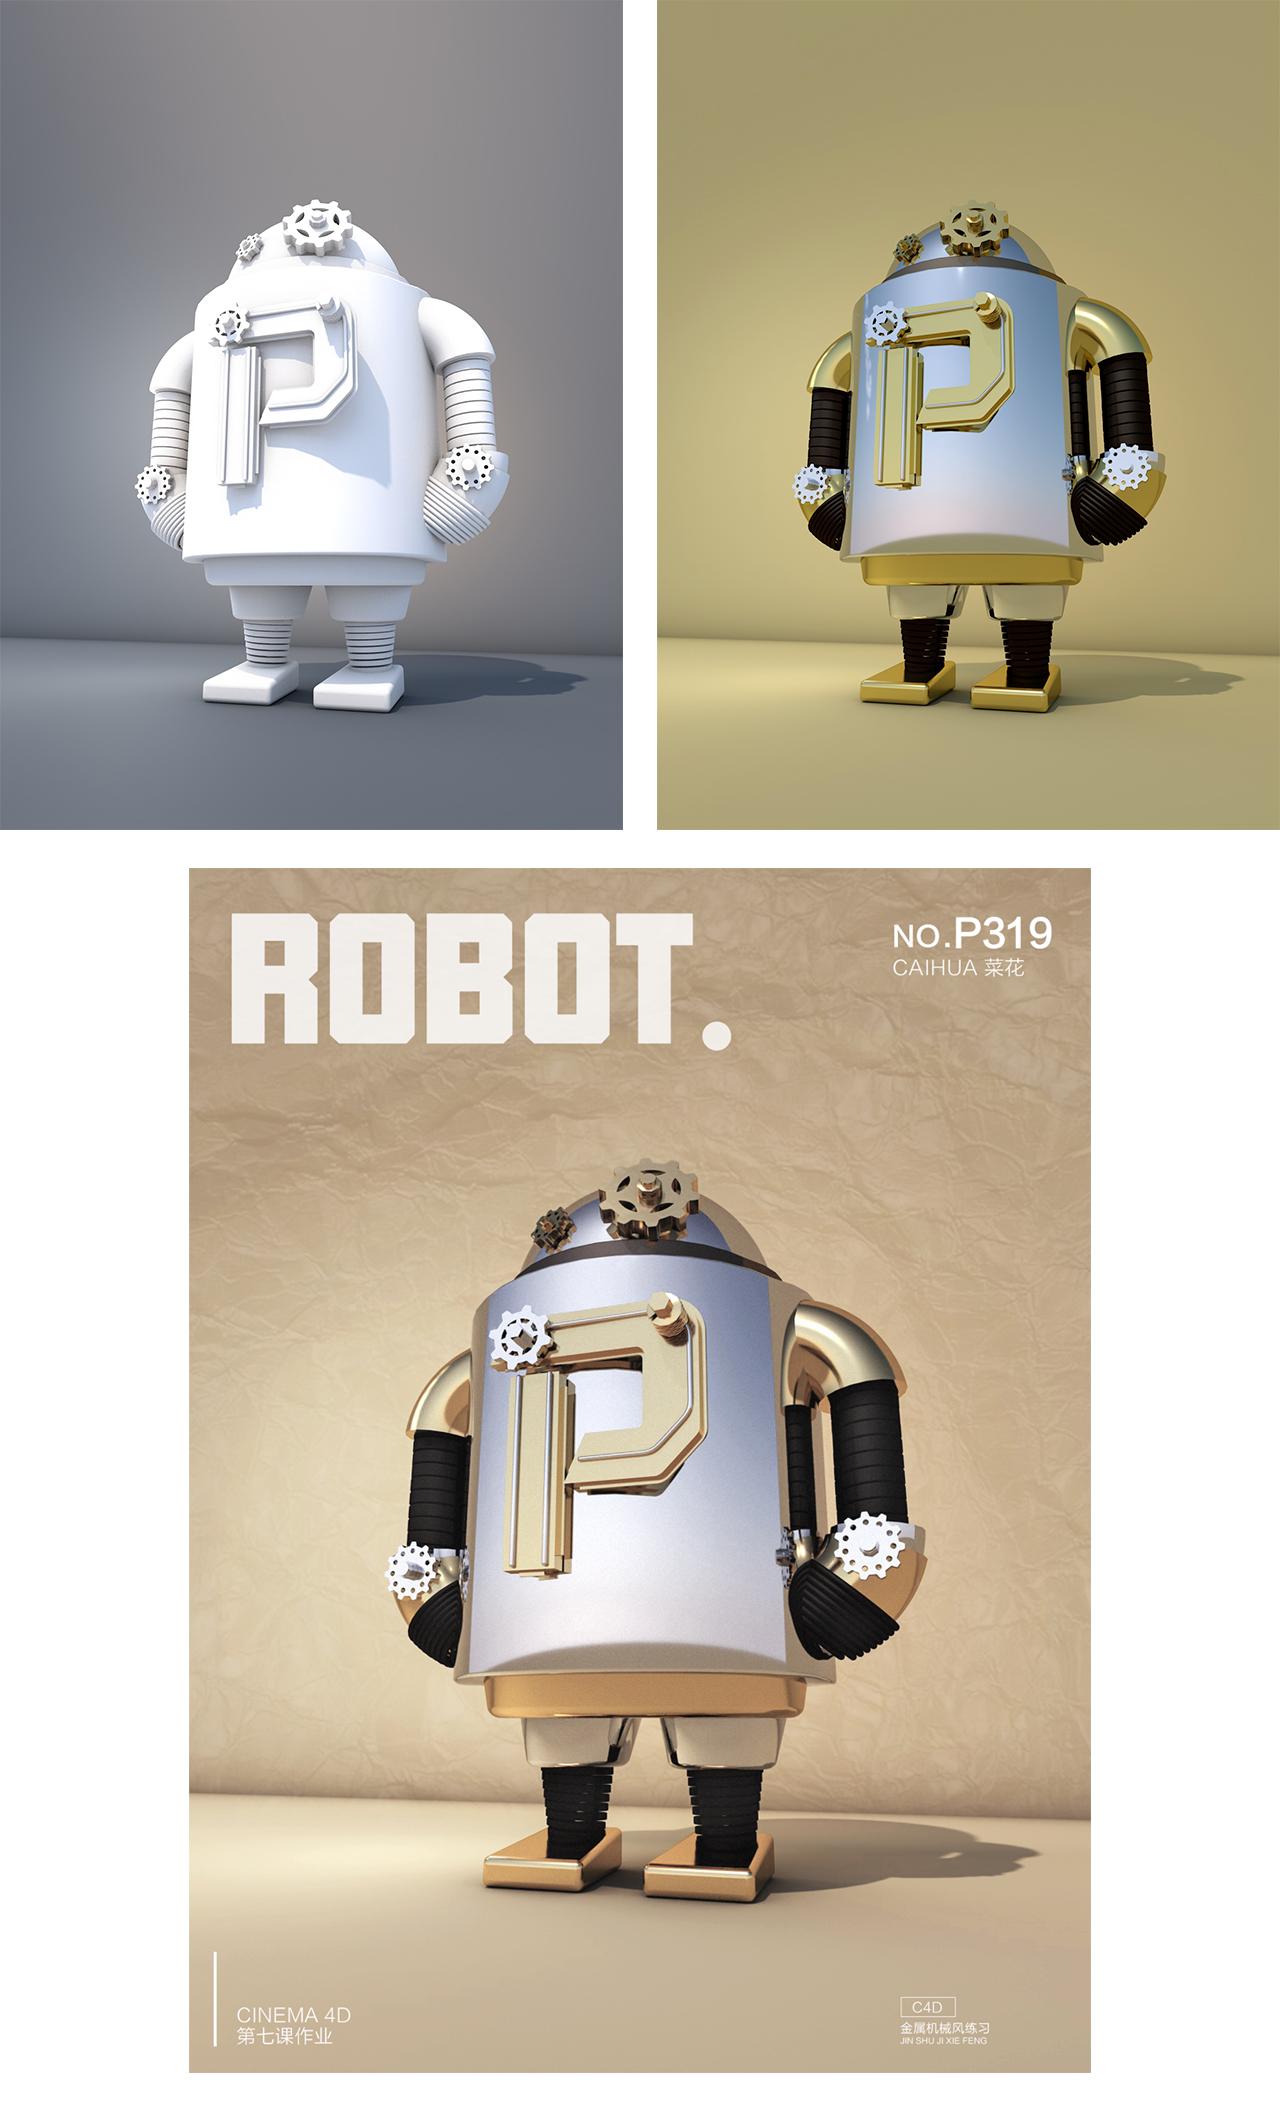 做完发现这个机器人特别像只垃圾桶.